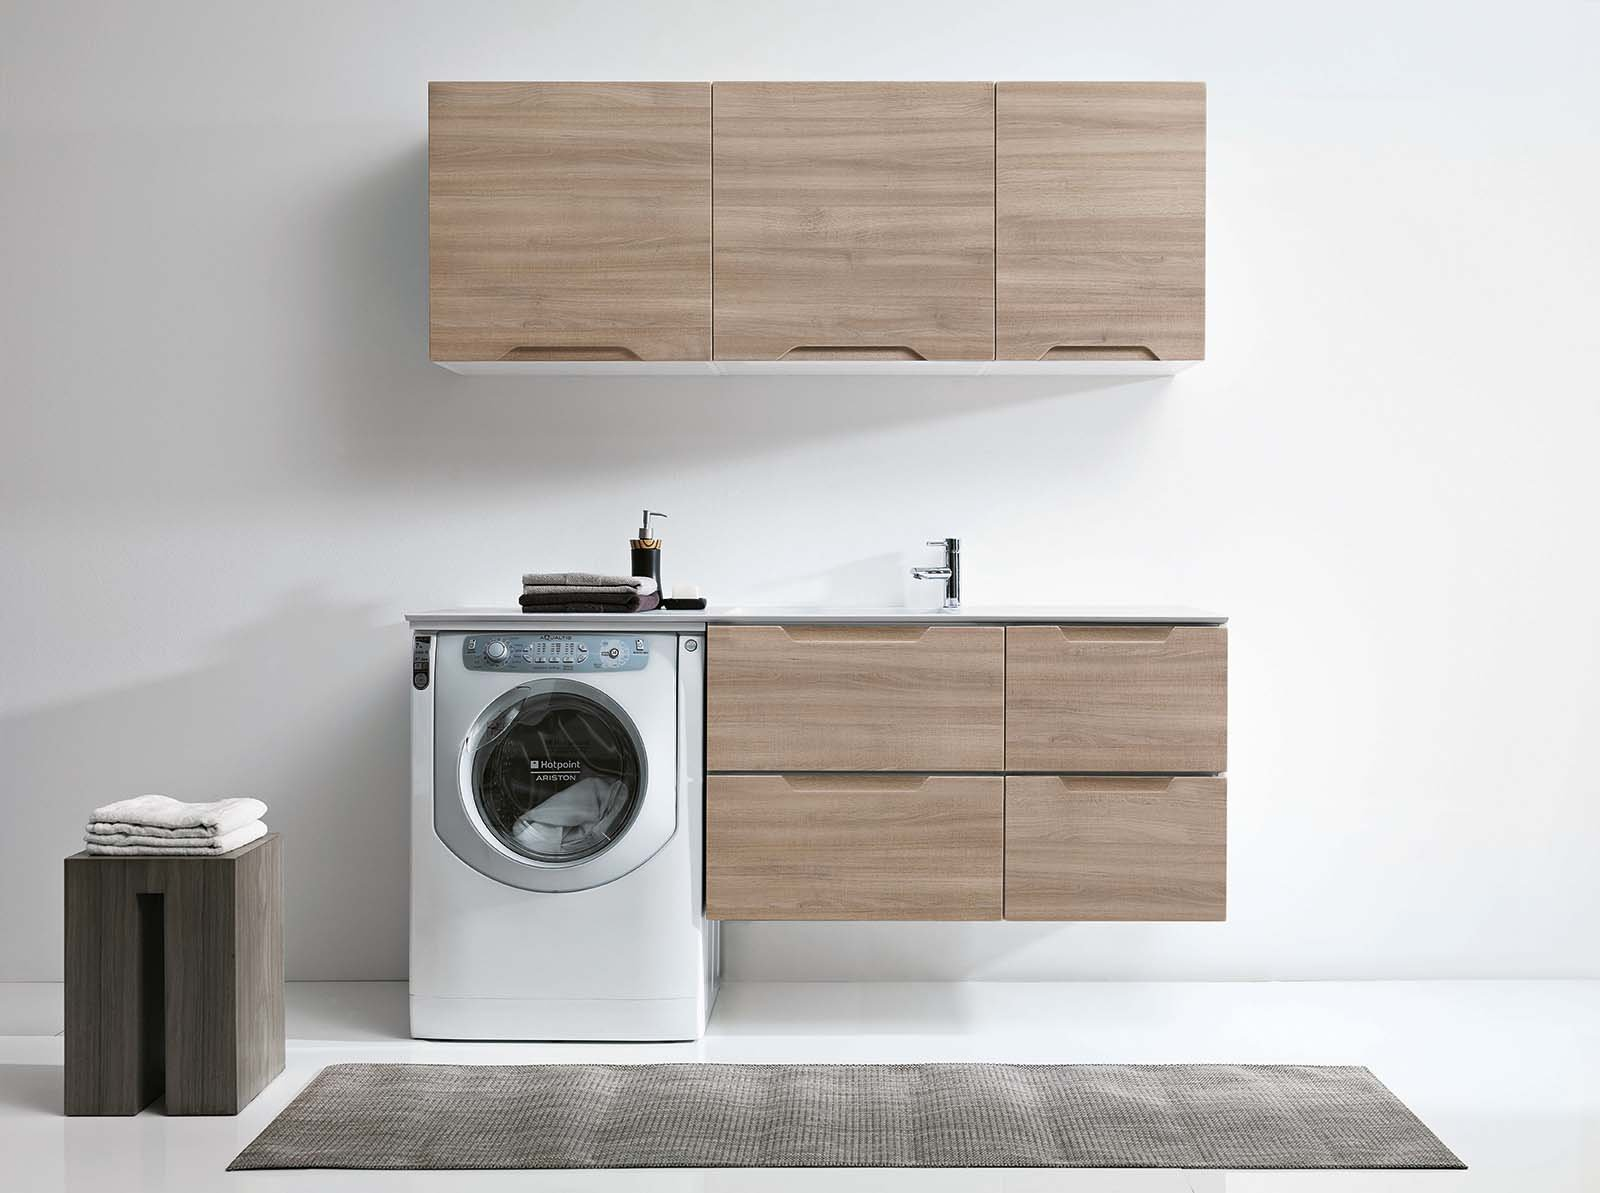 La lavanderia: uno spazio per